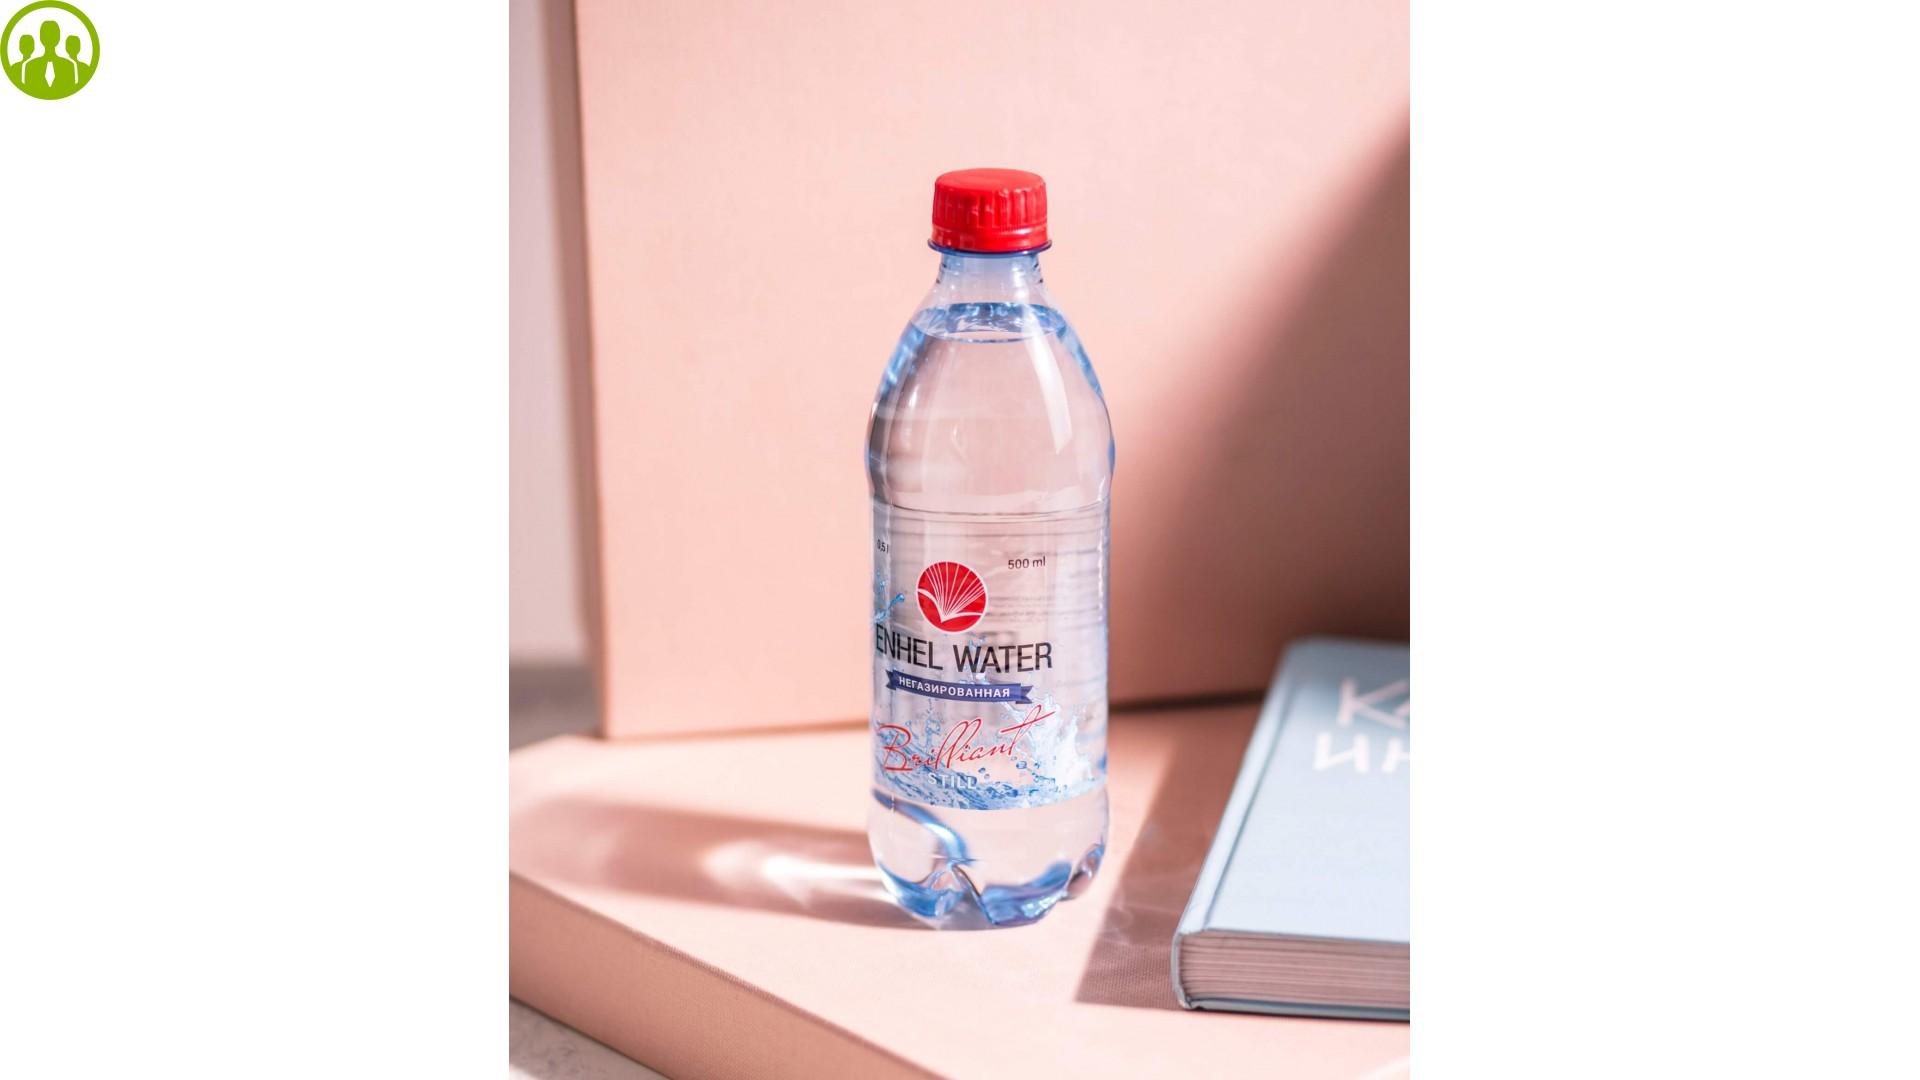 Enhel Water